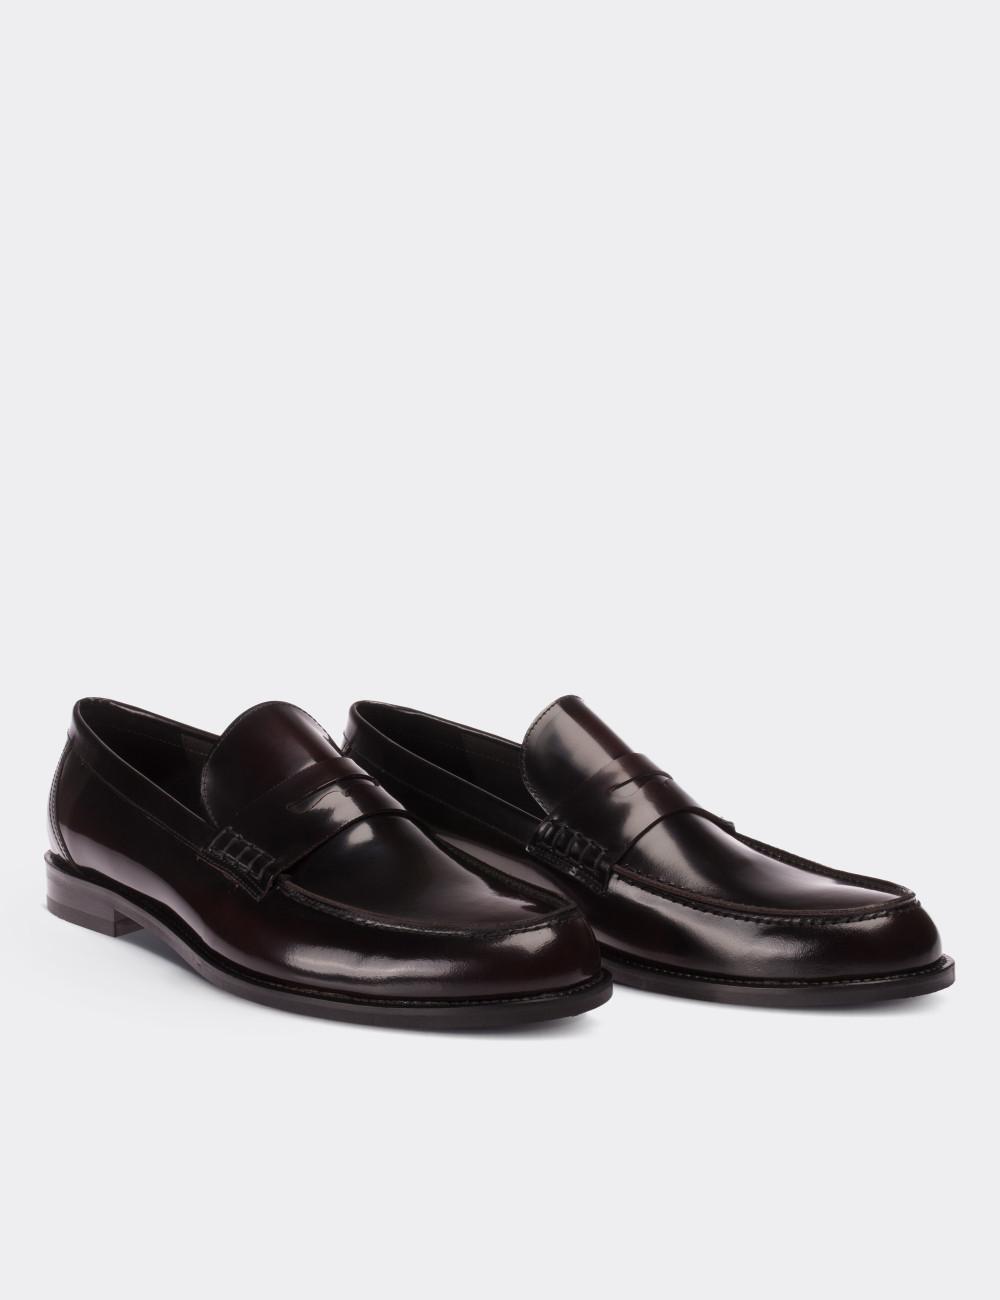 2ca445dd6af Burgundy Calfskin Leather Loafers - 01538MBRDM01